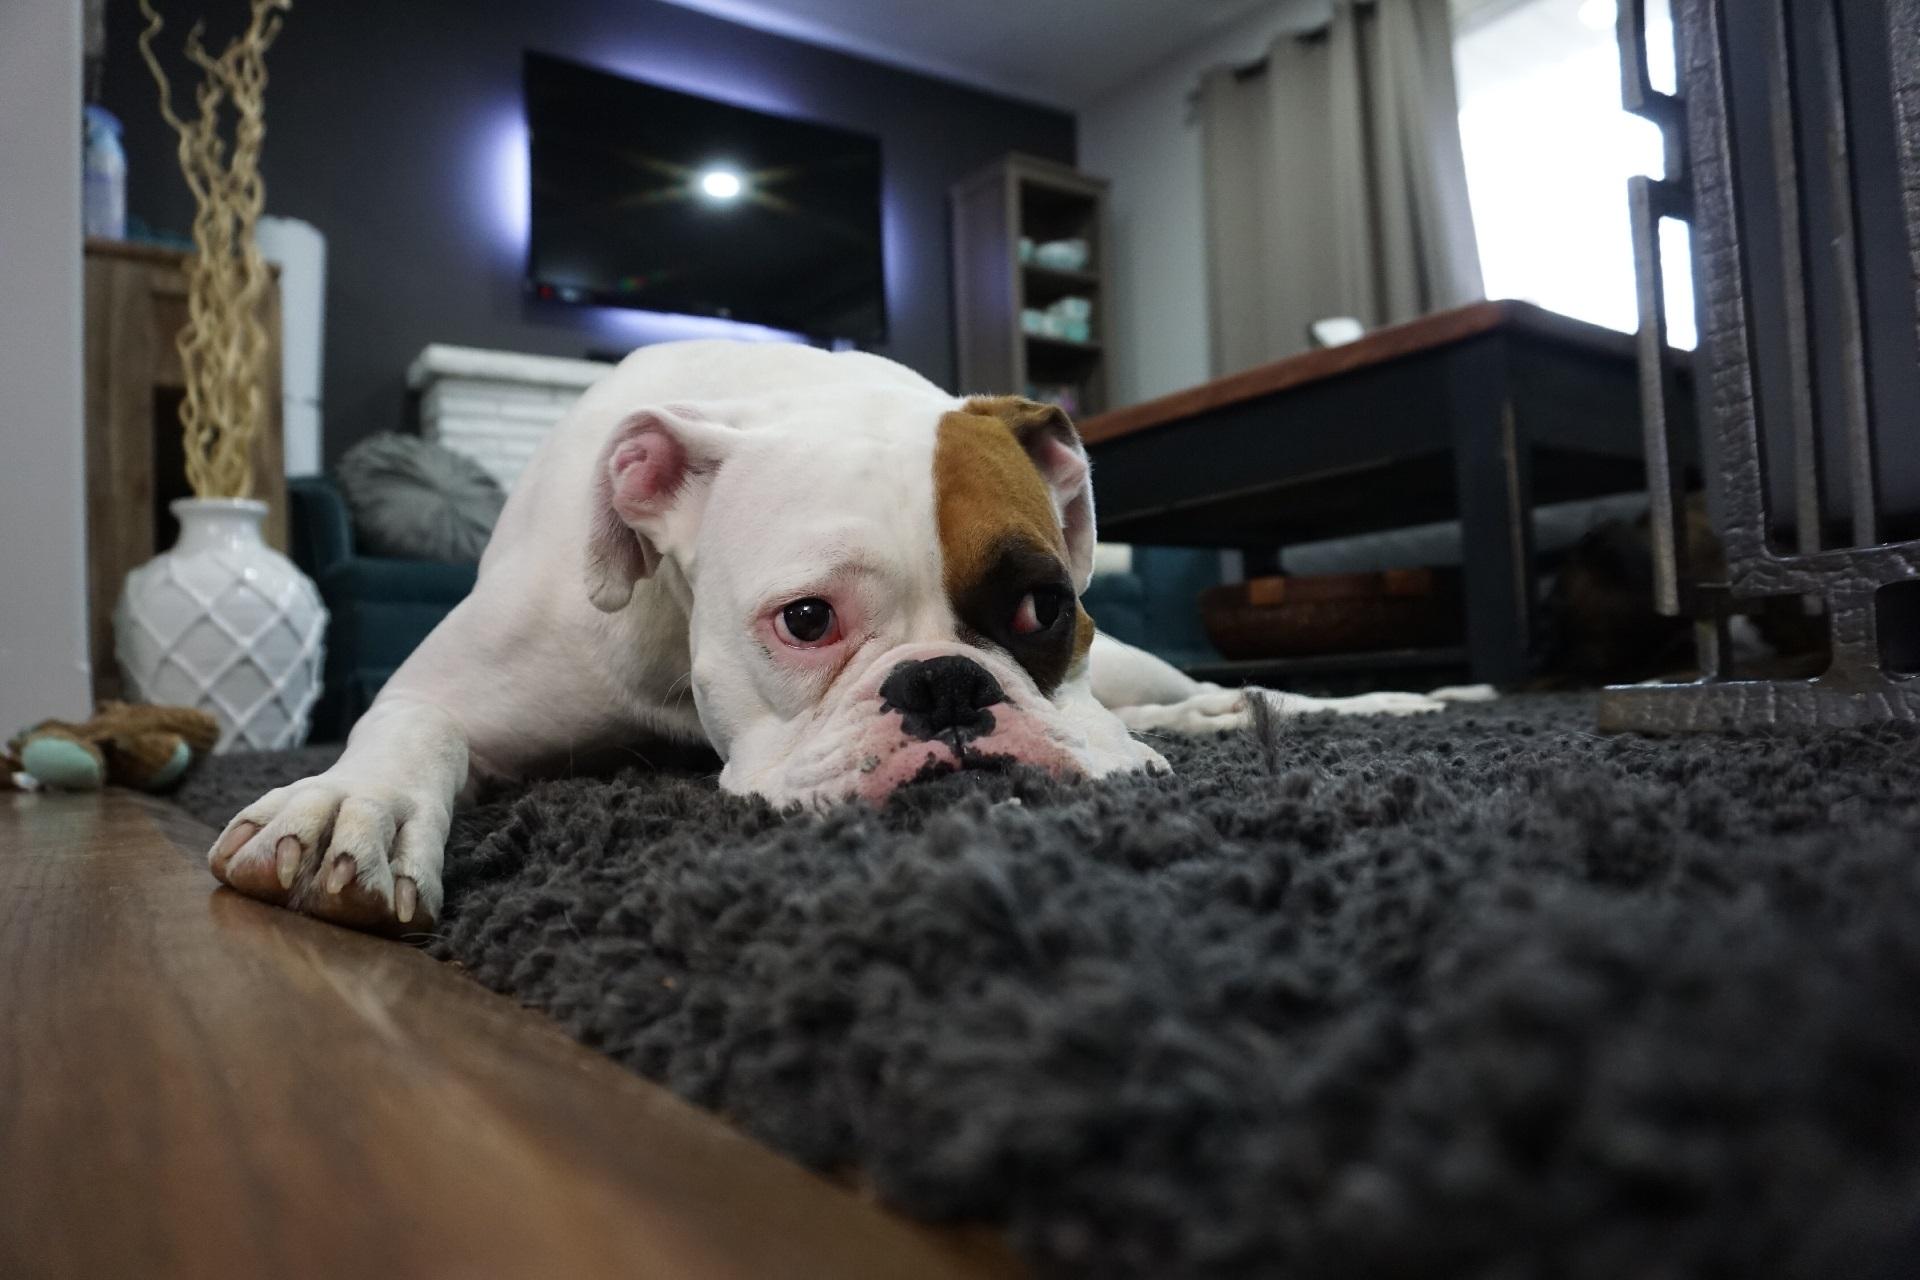 Аренда квартиры с длительной предоплатой: почему не стоит соглашаться?